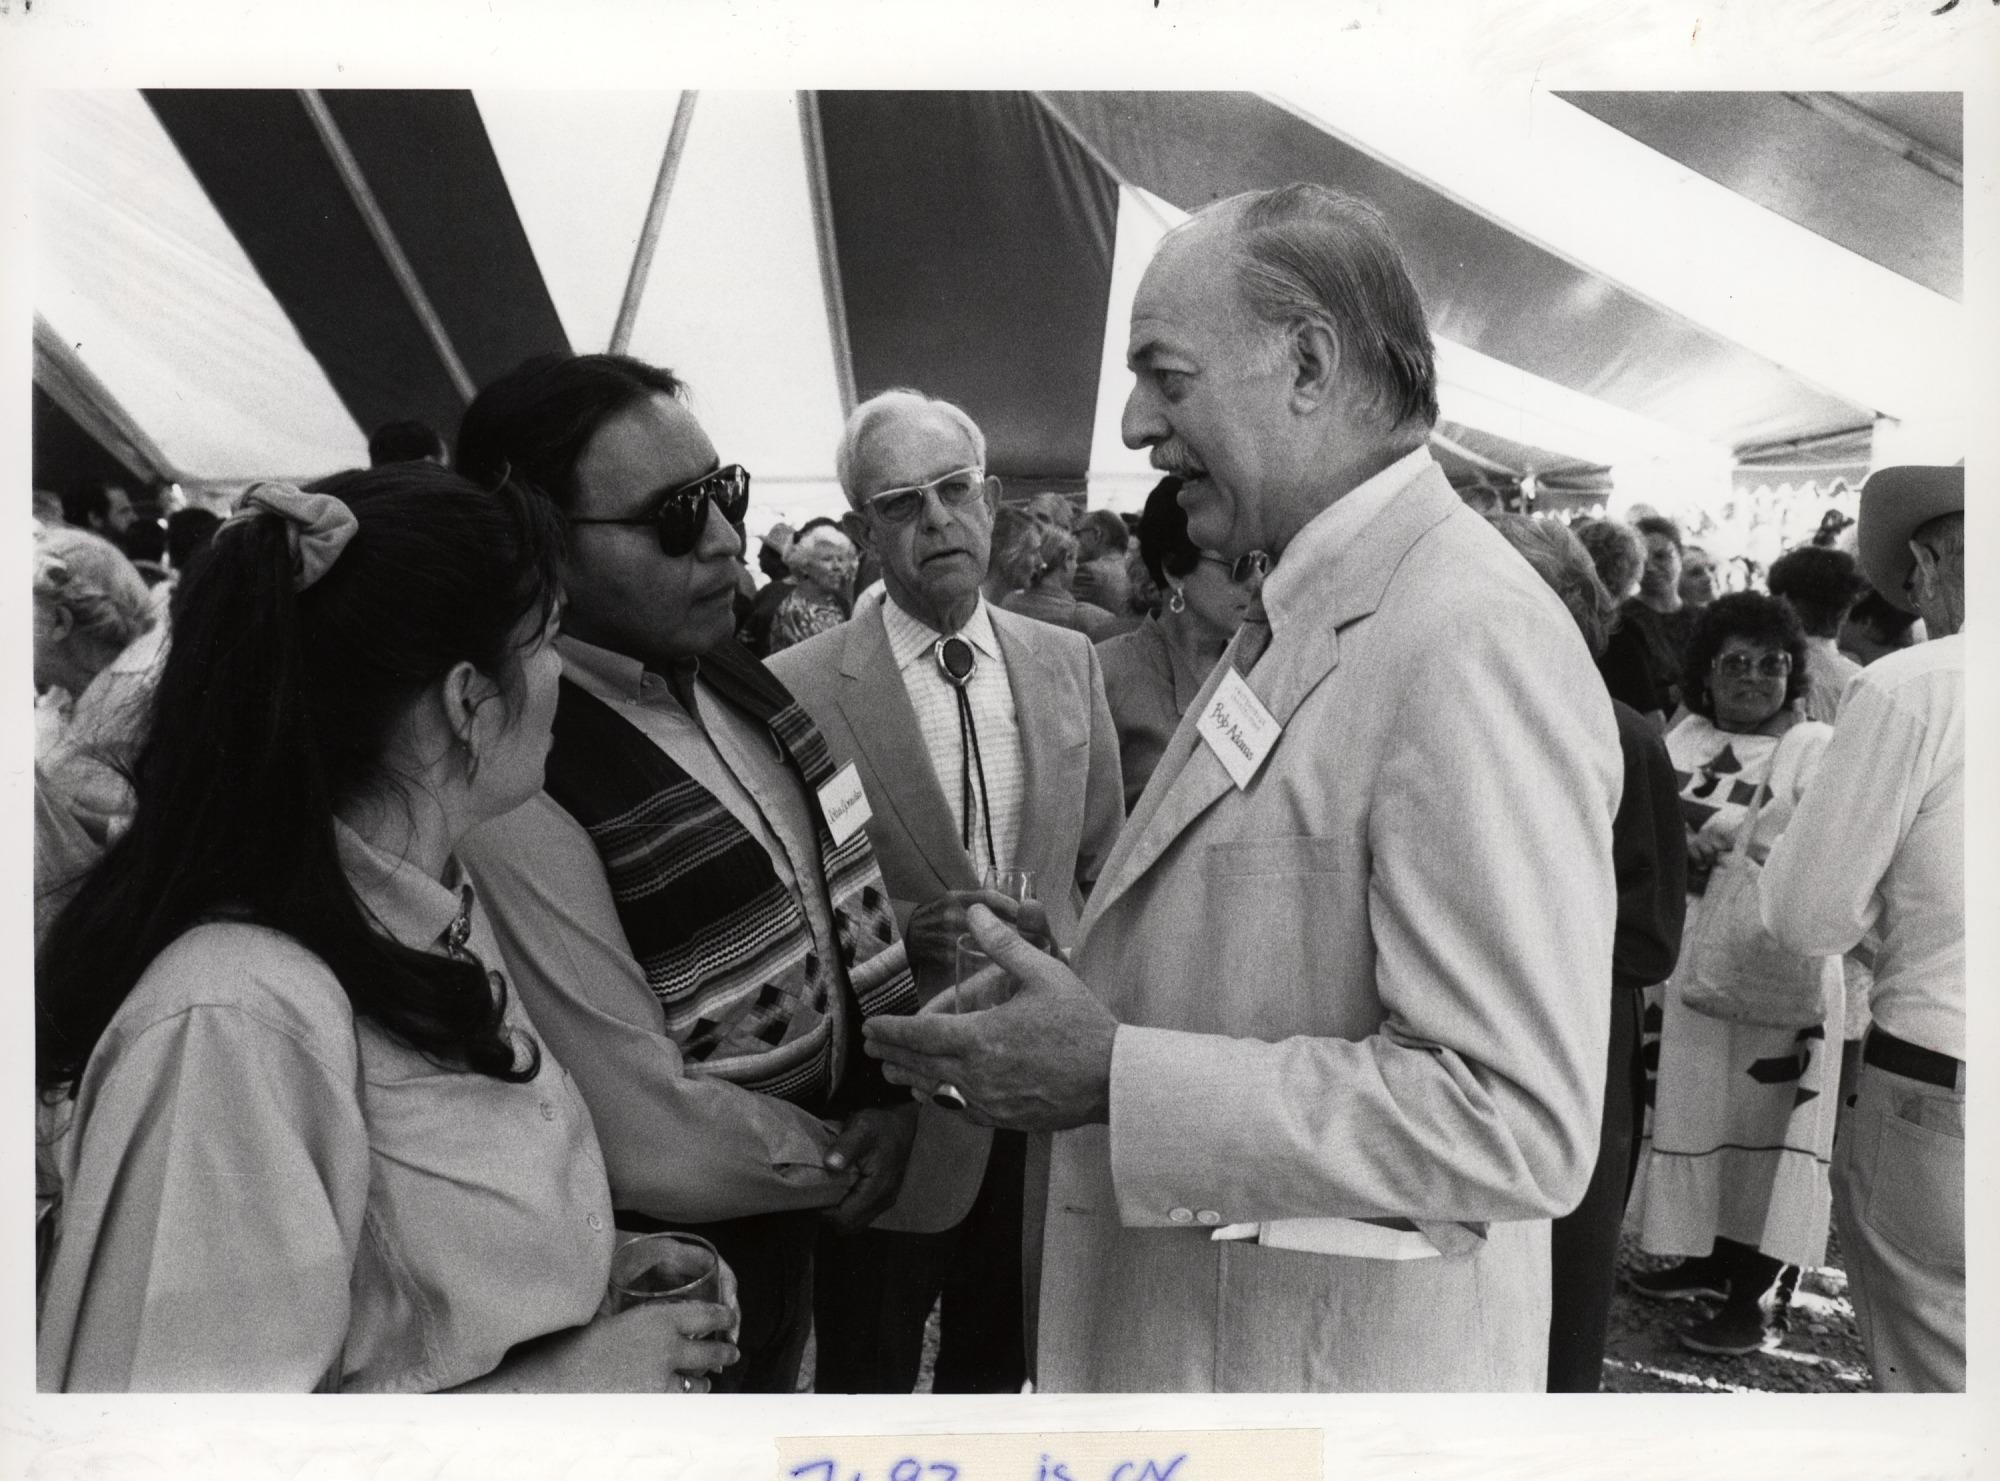 Secretary Robert McCormick Adams and John Gonzales